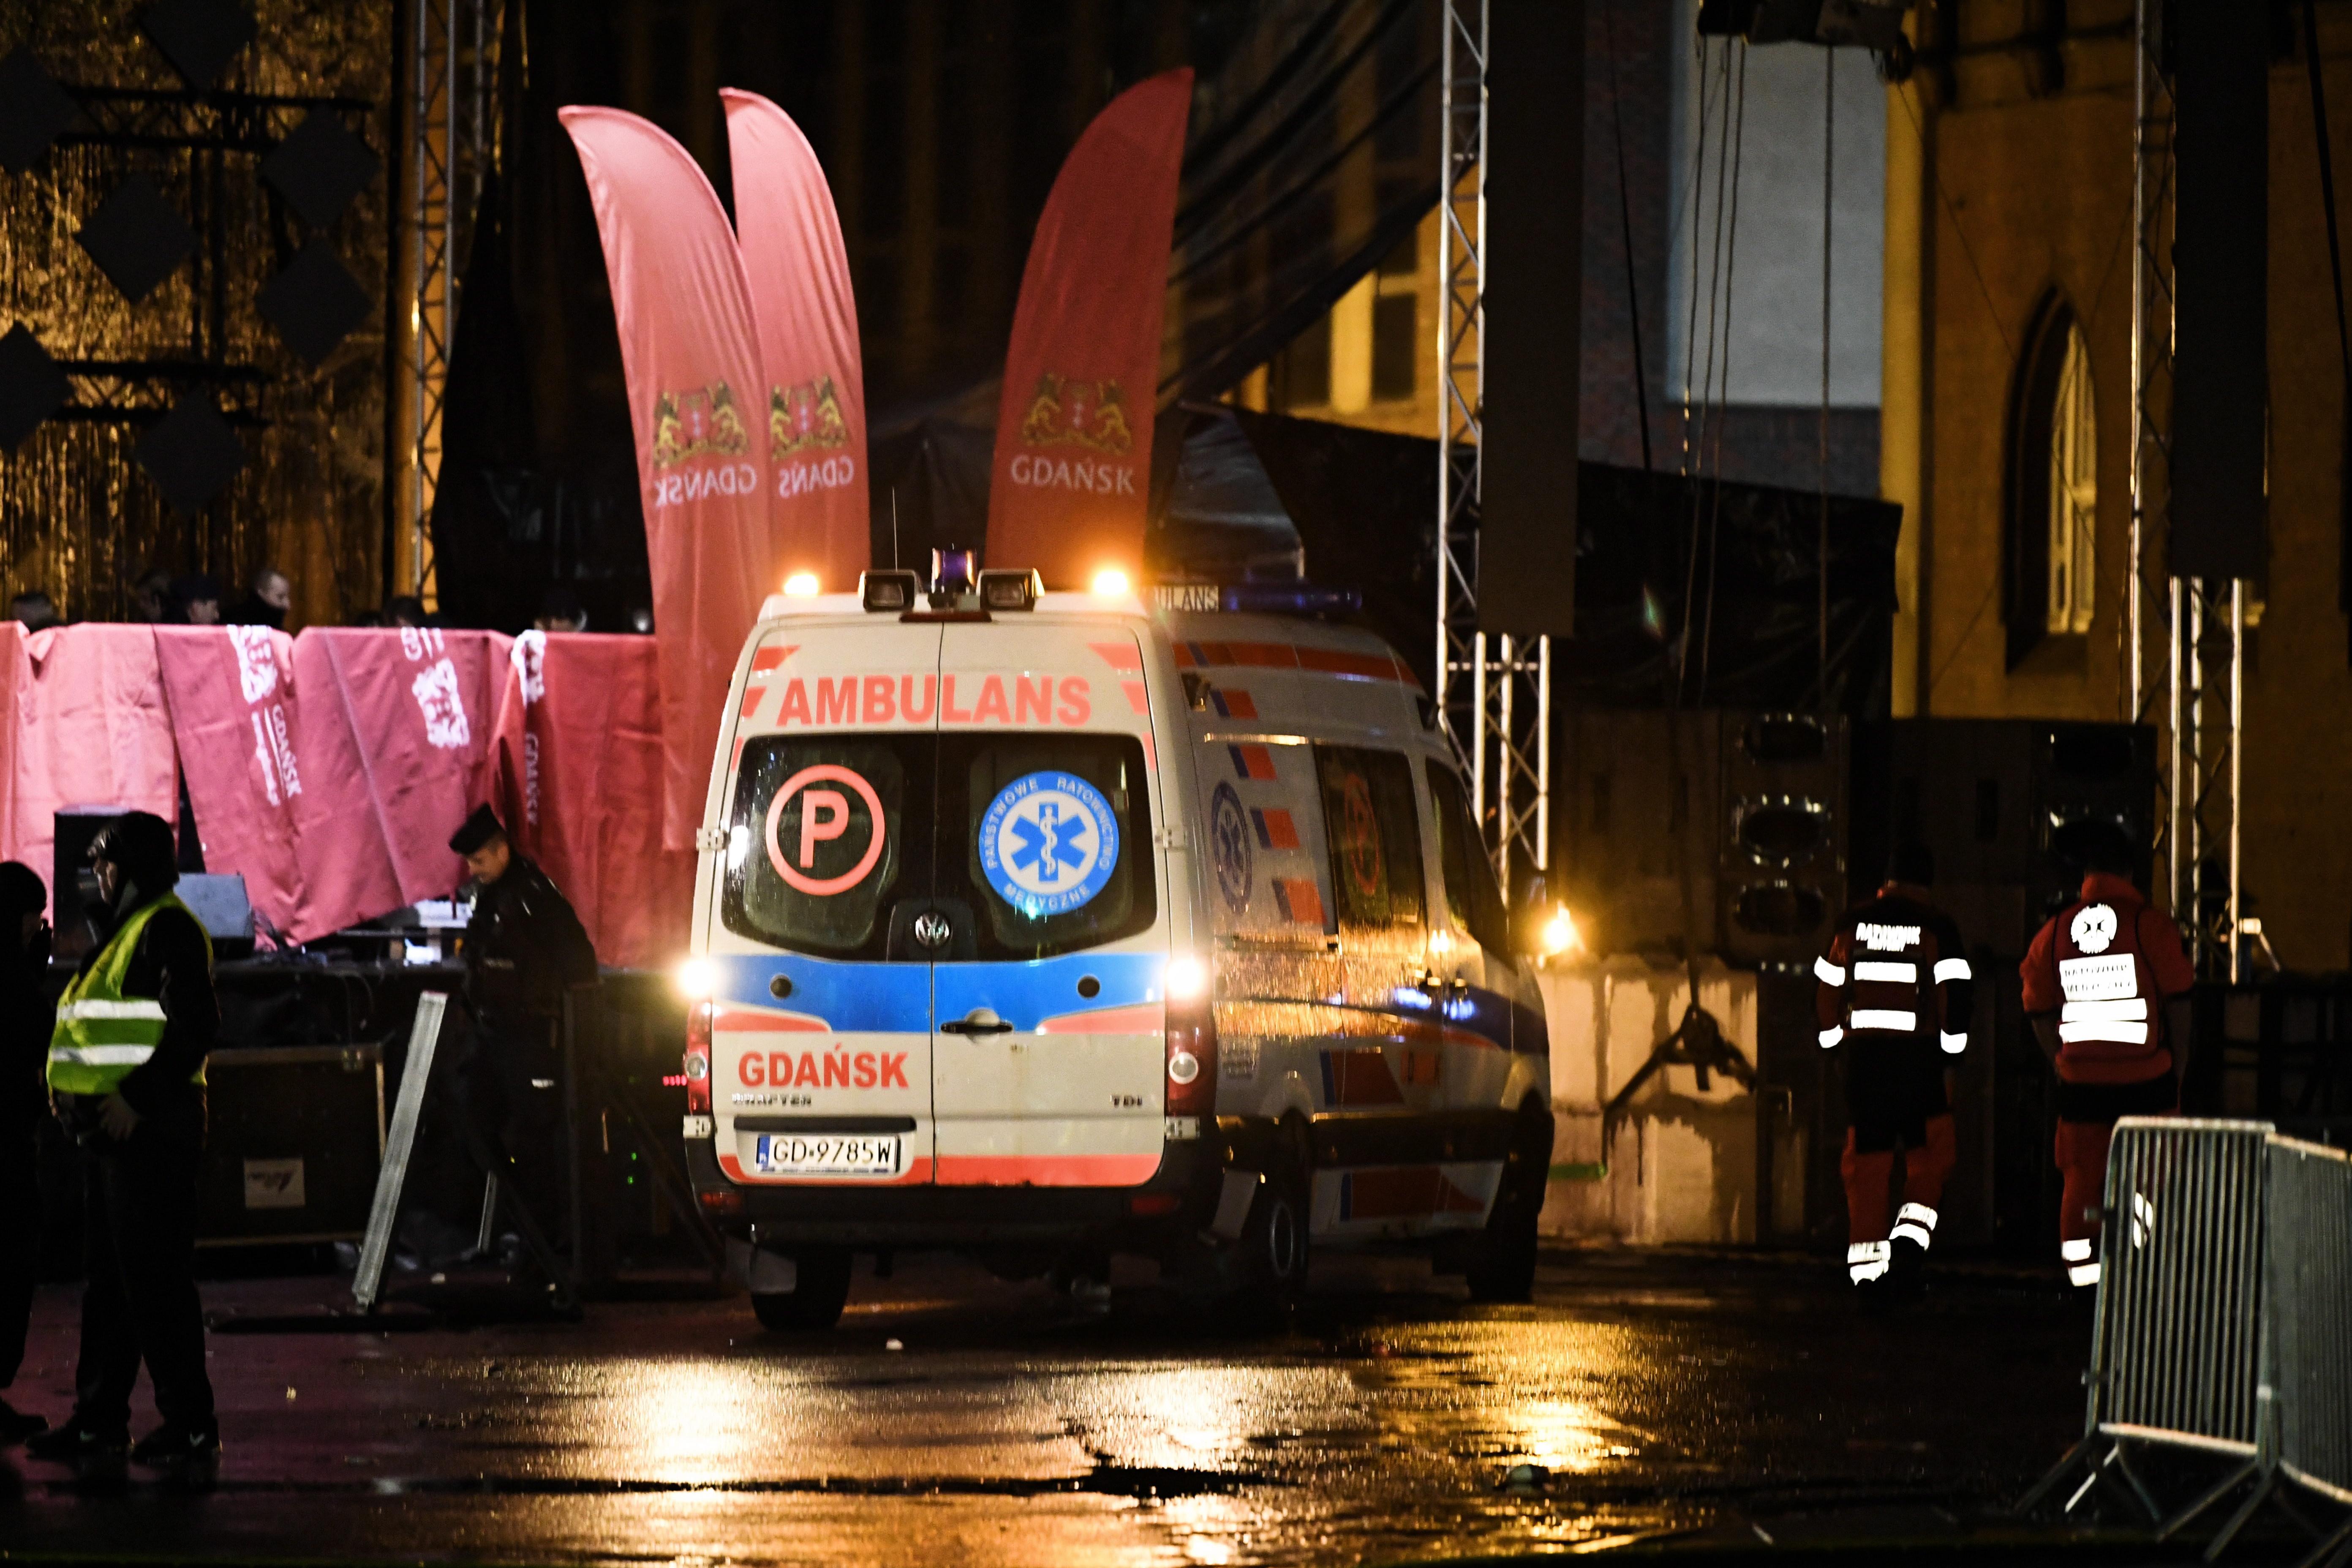 Gradonačelnik Gdanjska napadnut nožem na dobrotvornom skupu